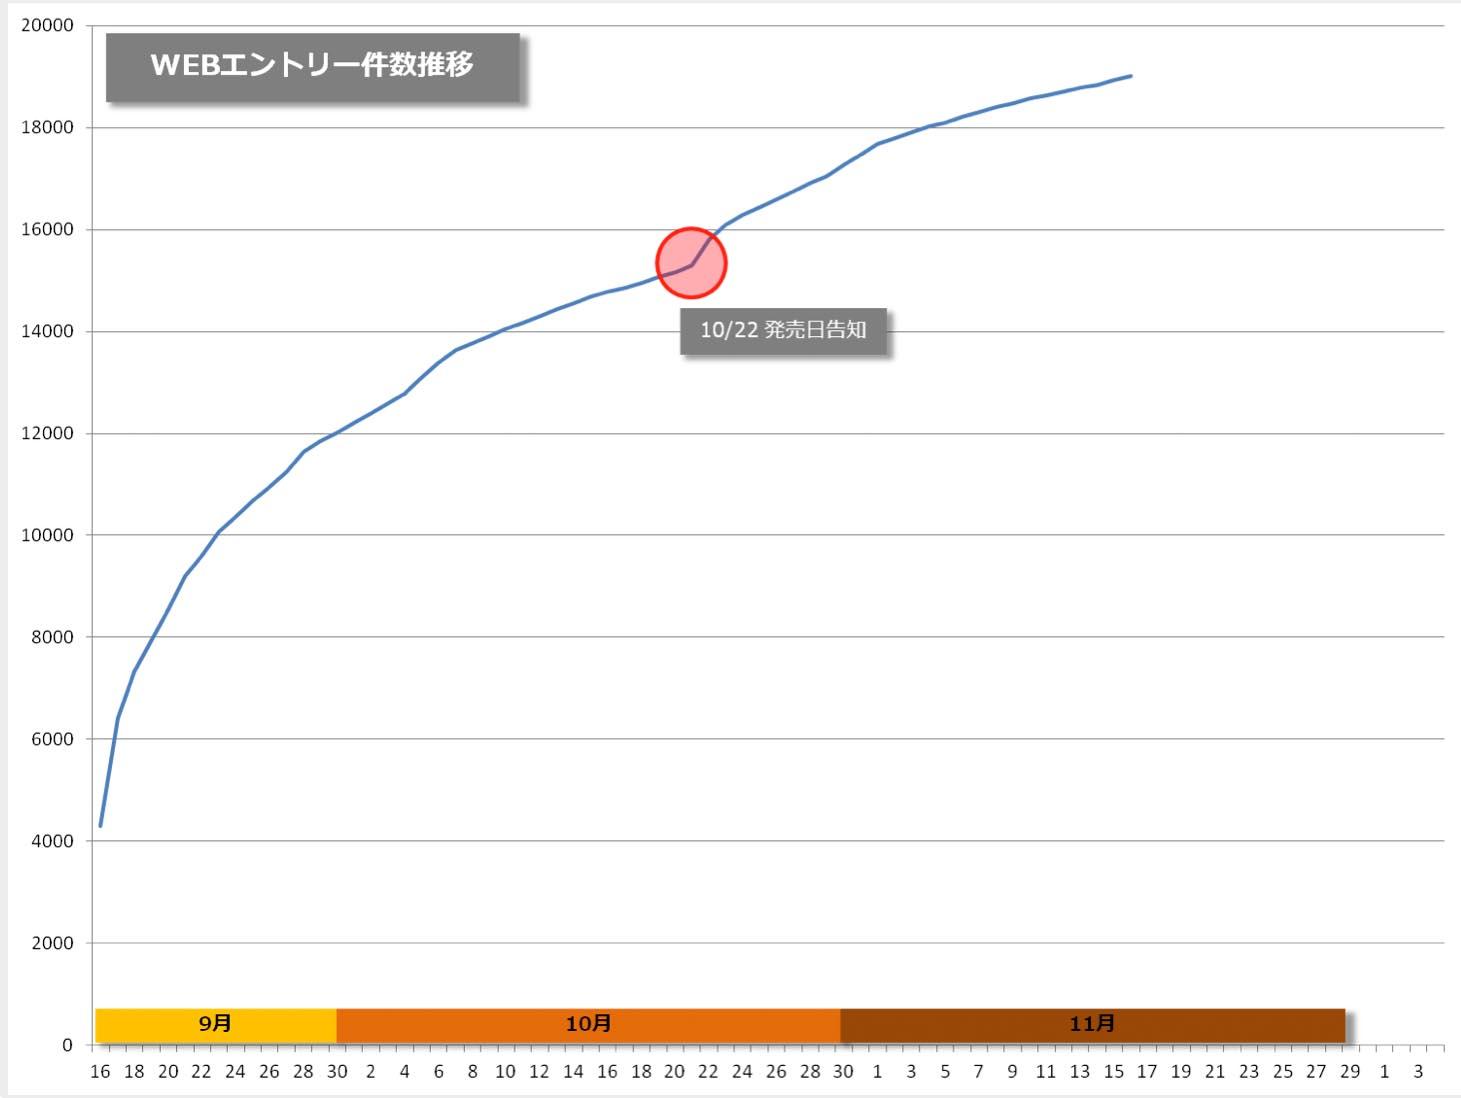 発表日からのWebエントリーの推移。発表からあっという間に1万件を超えているのがわかる